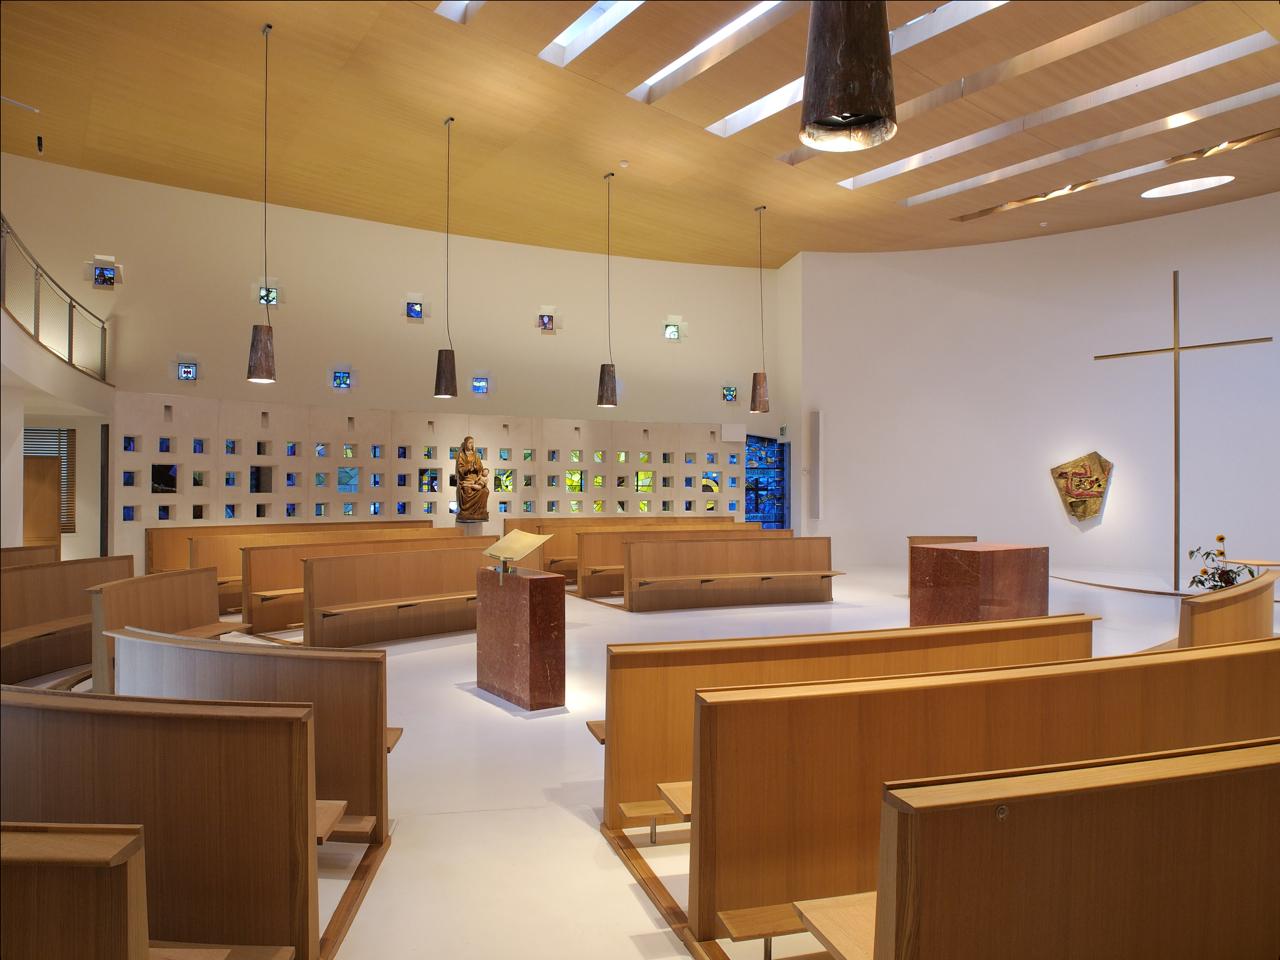 Religion offices religieux - Horaires des offices religieux ...